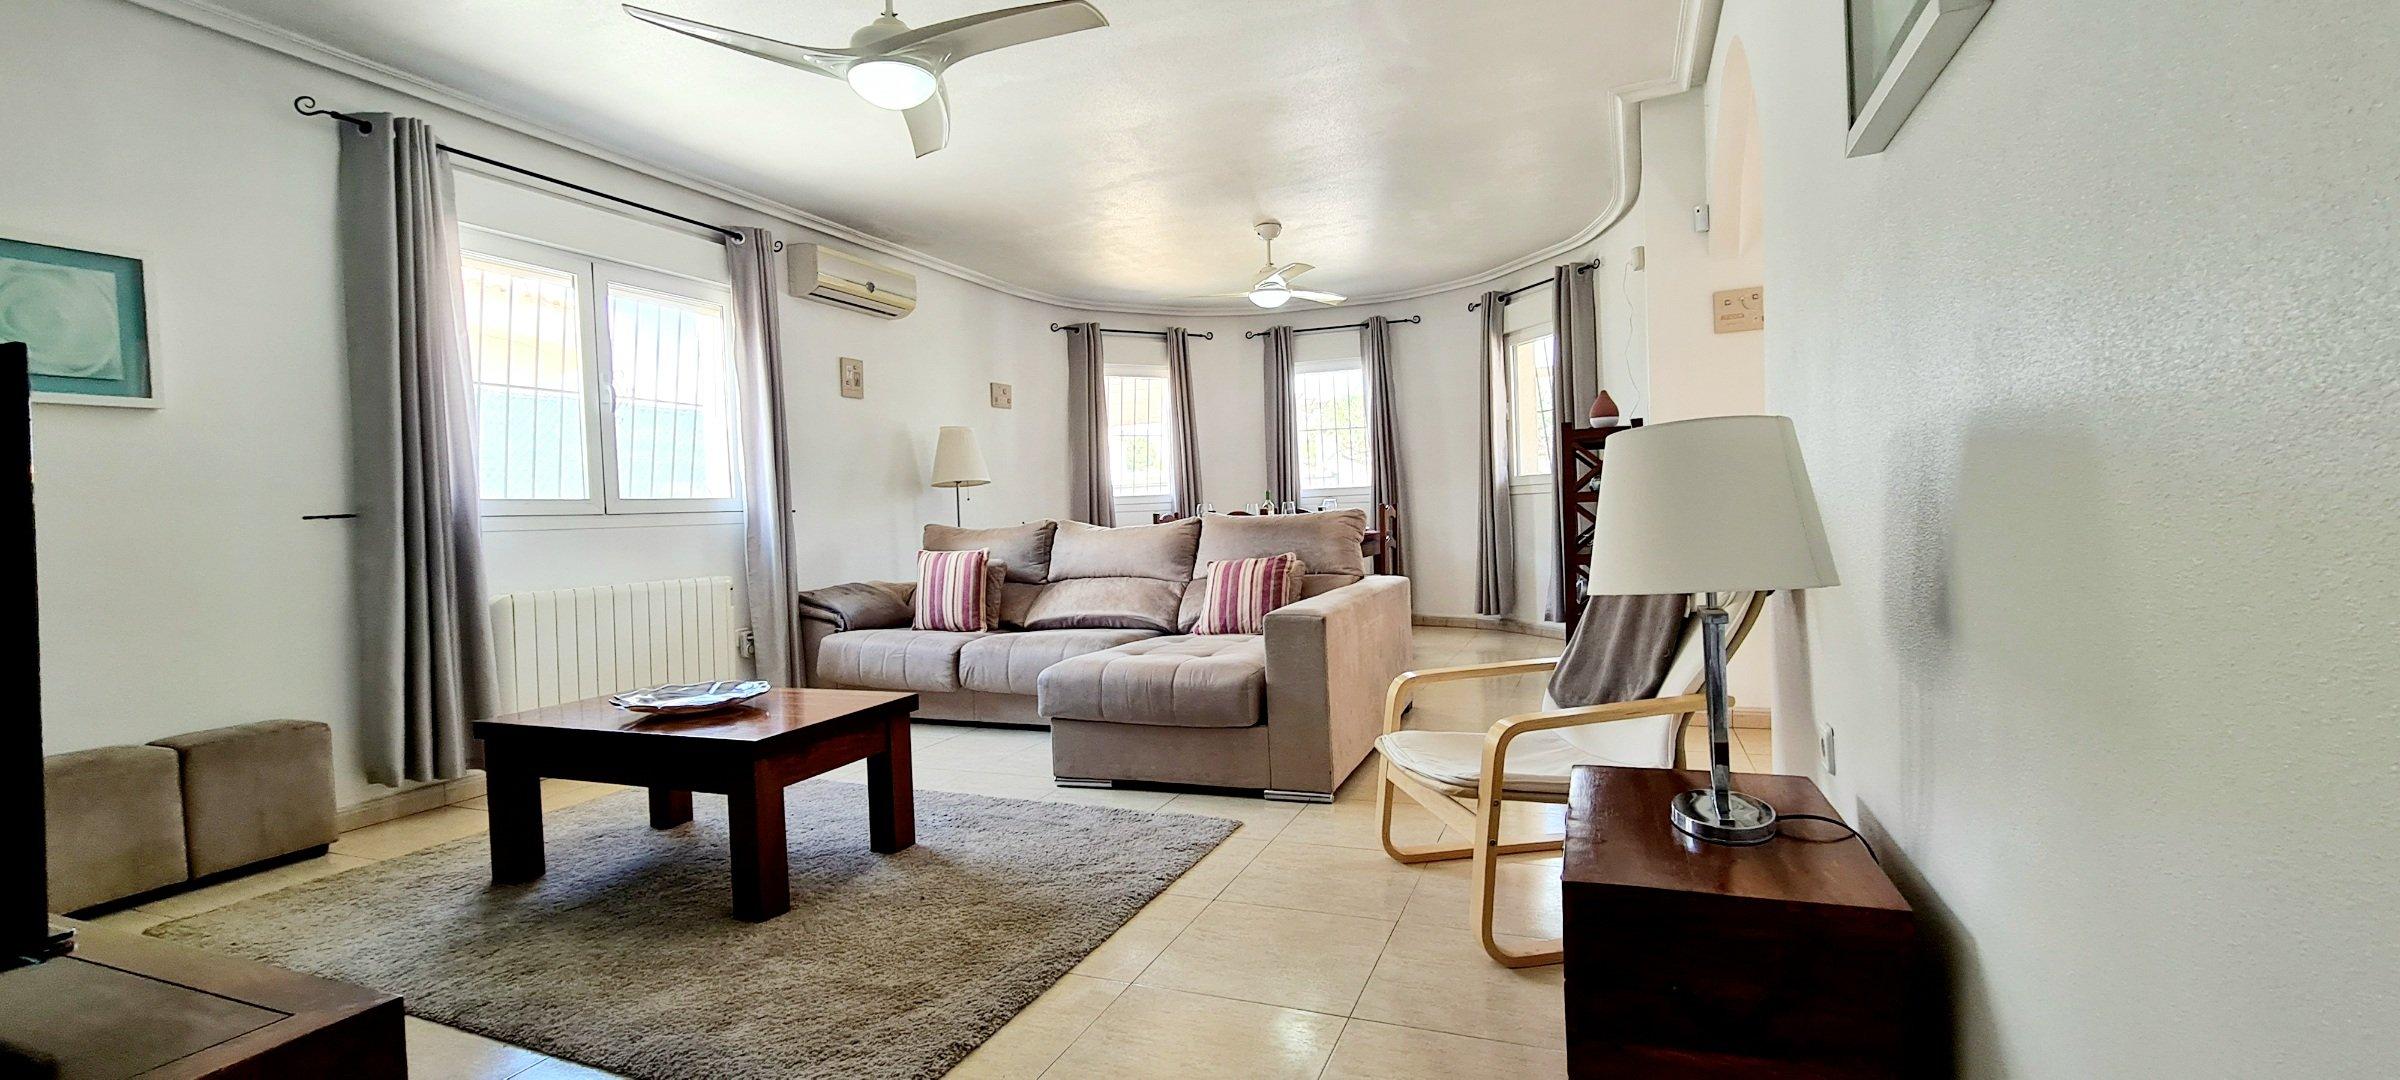 3 Bedroom 2 Bathroom Detached Villa – Lo Santiago – Murcia